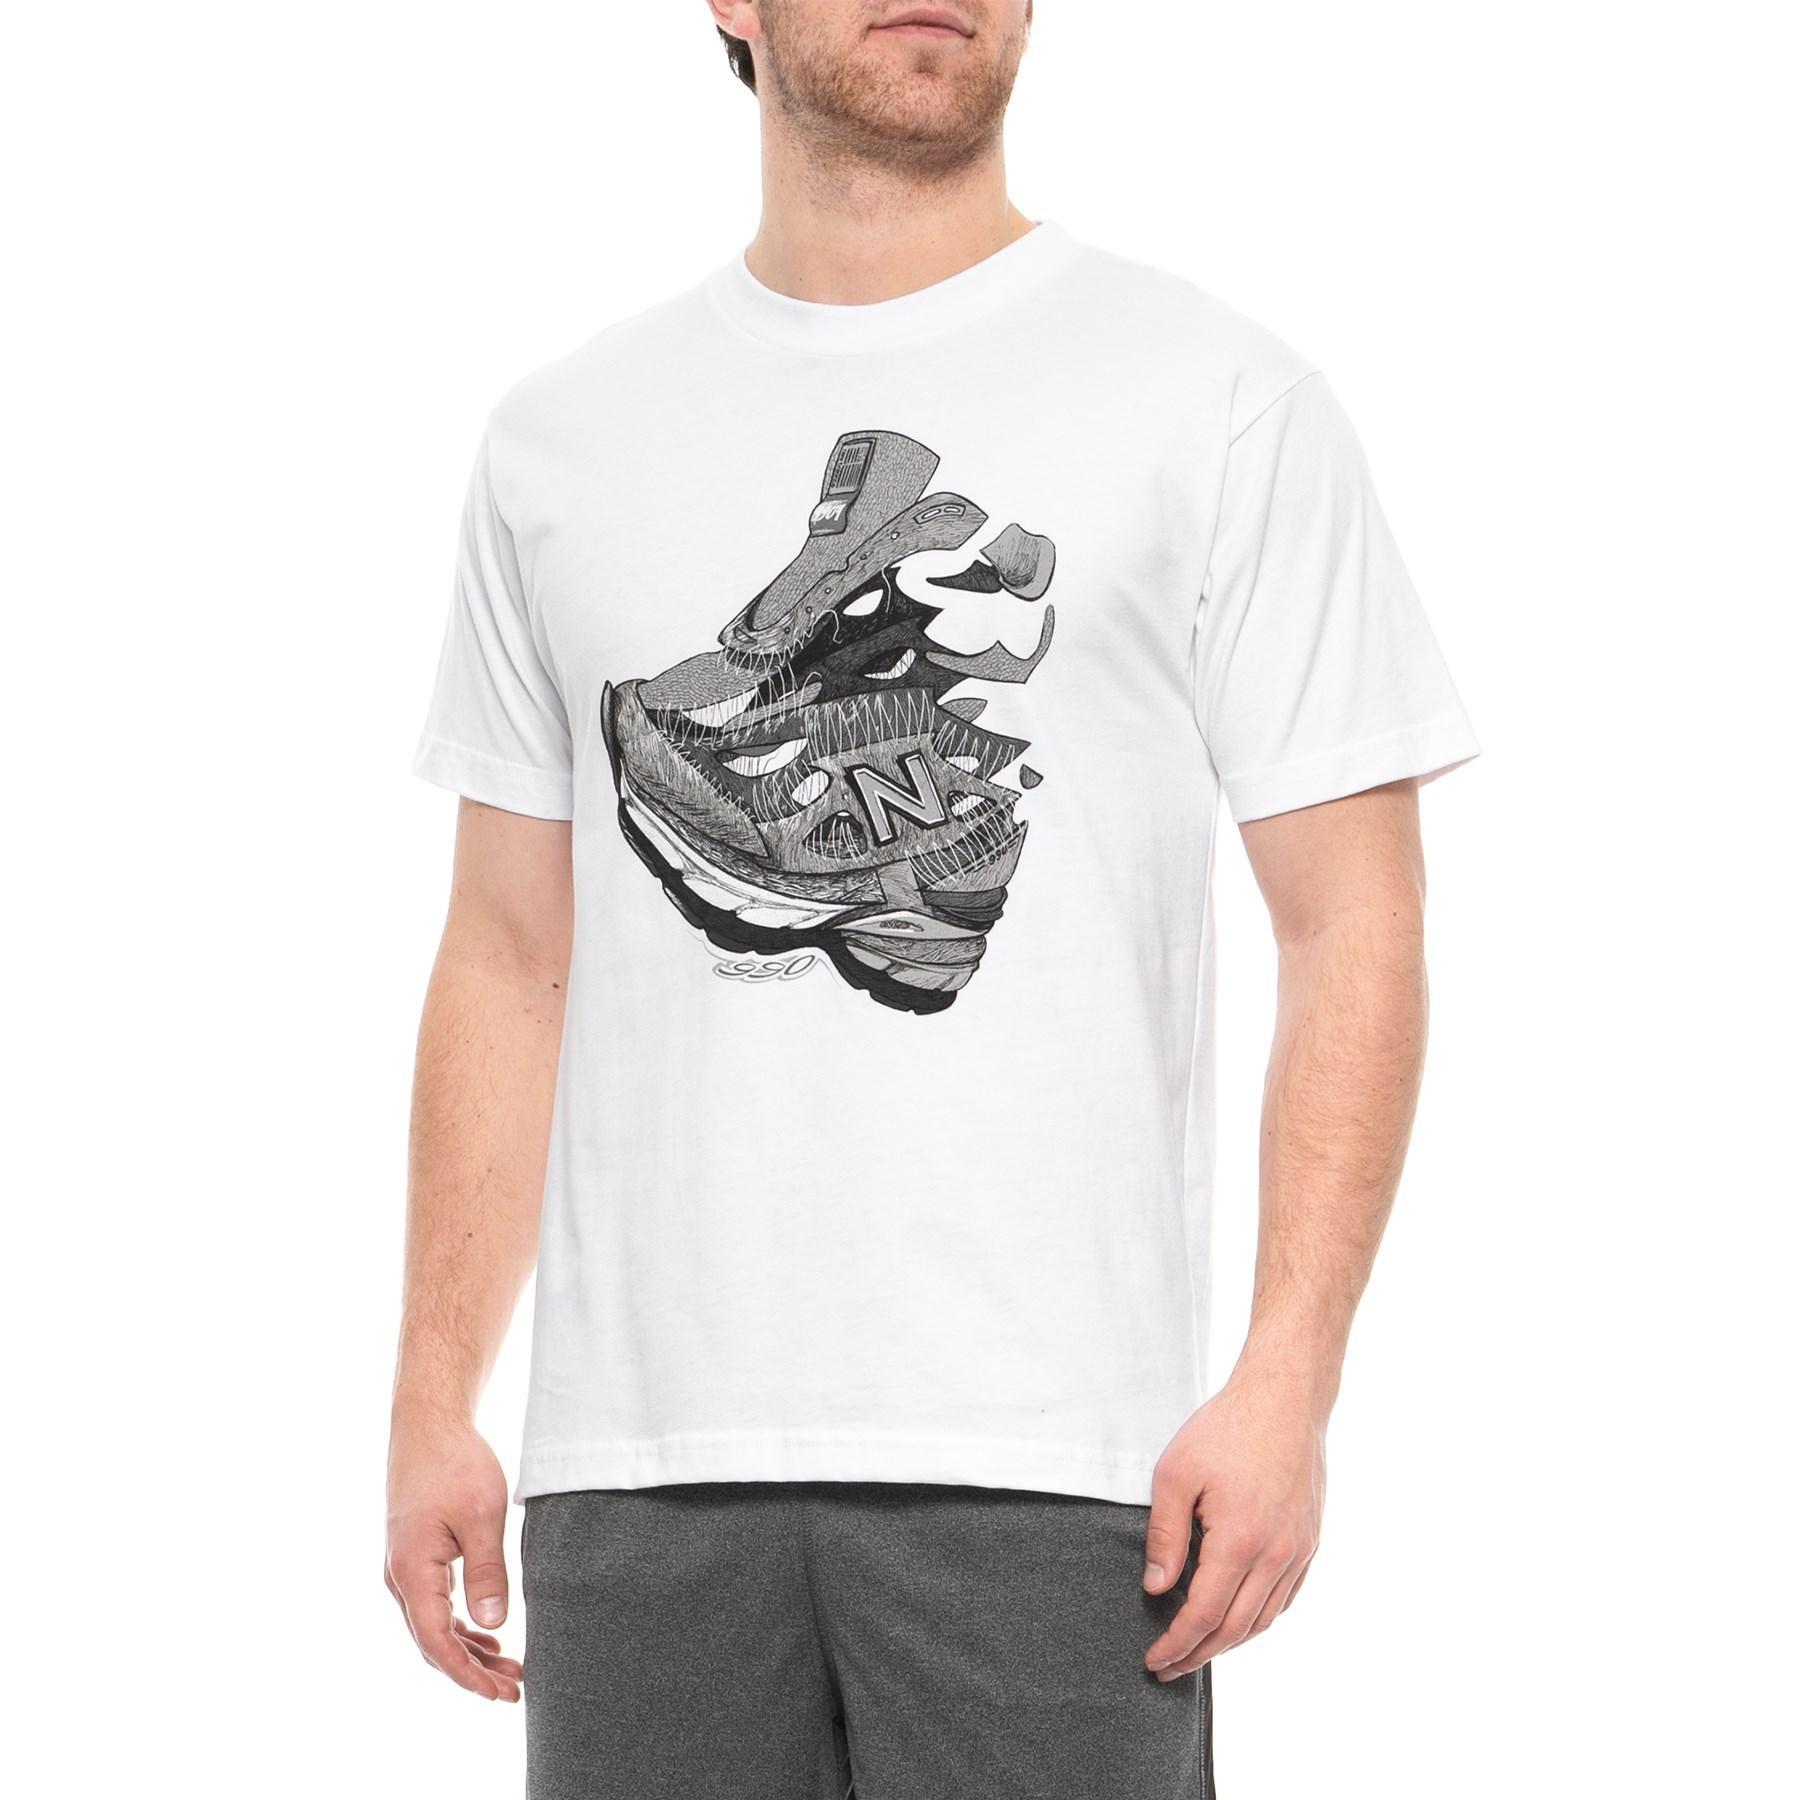 timeless design 84c04 ae707 New Balance White 990 V4 T-shirt for men